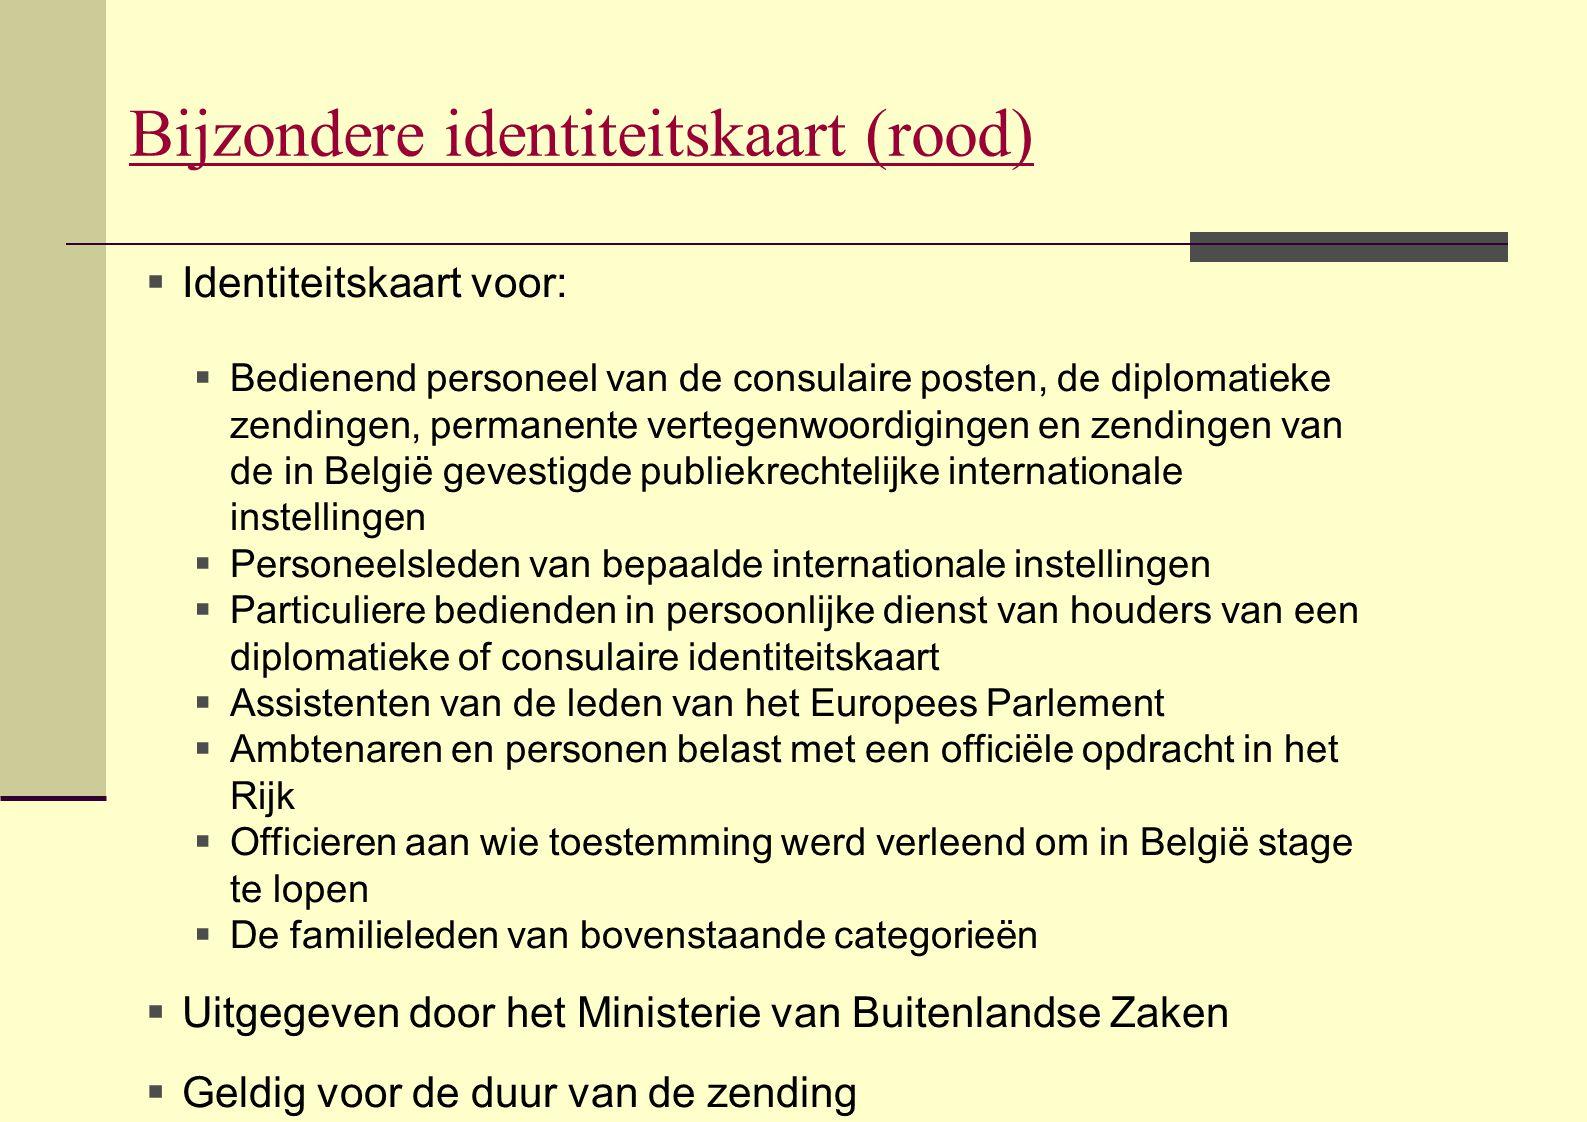  Identiteitskaart voor:  Bedienend personeel van de consulaire posten, de diplomatieke zendingen, permanente vertegenwoordigingen en zendingen van d